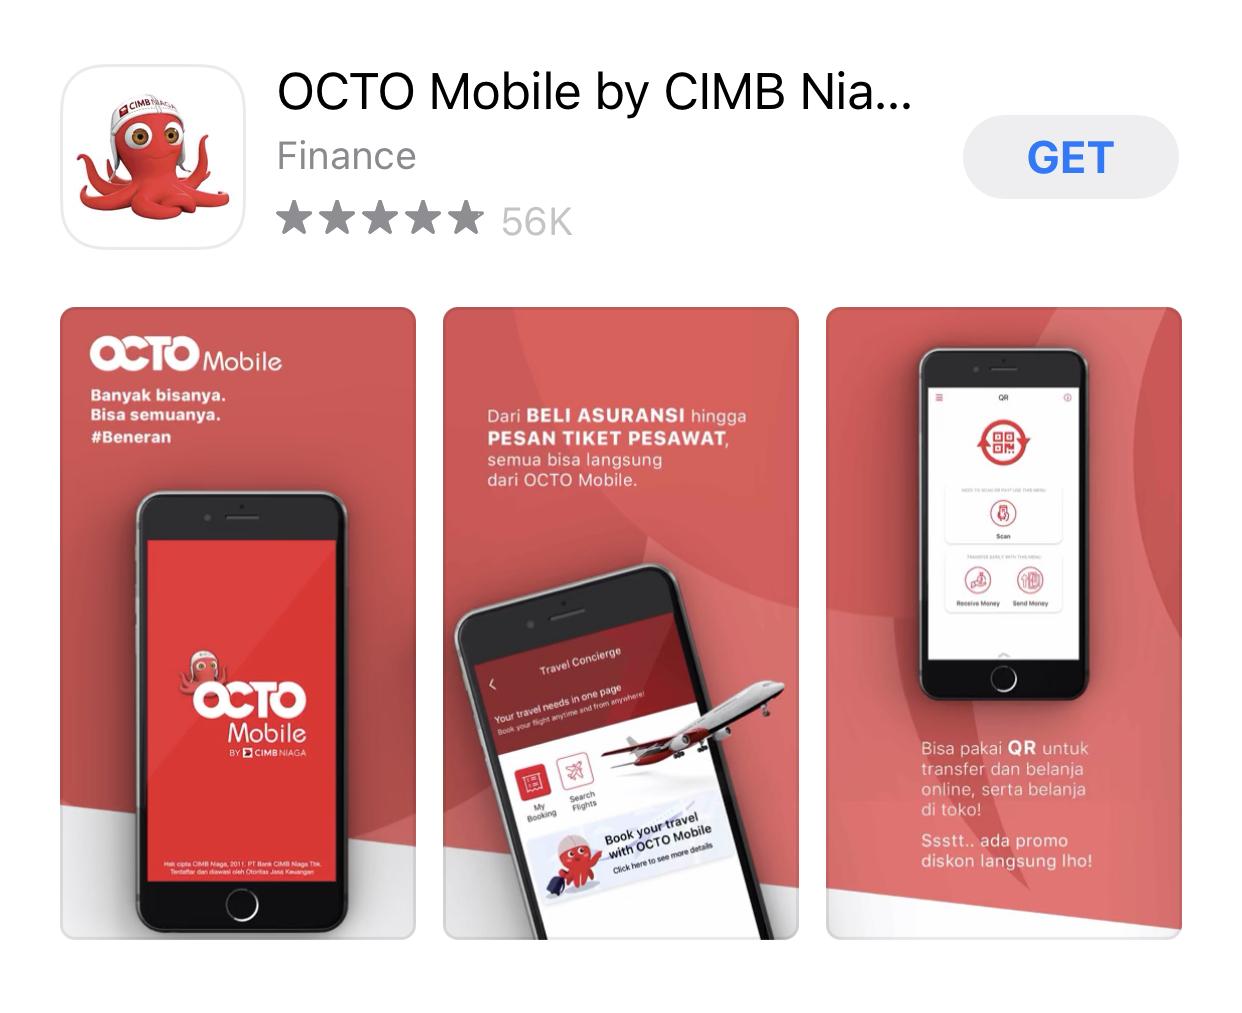 Aplikasi OCTO Mobile